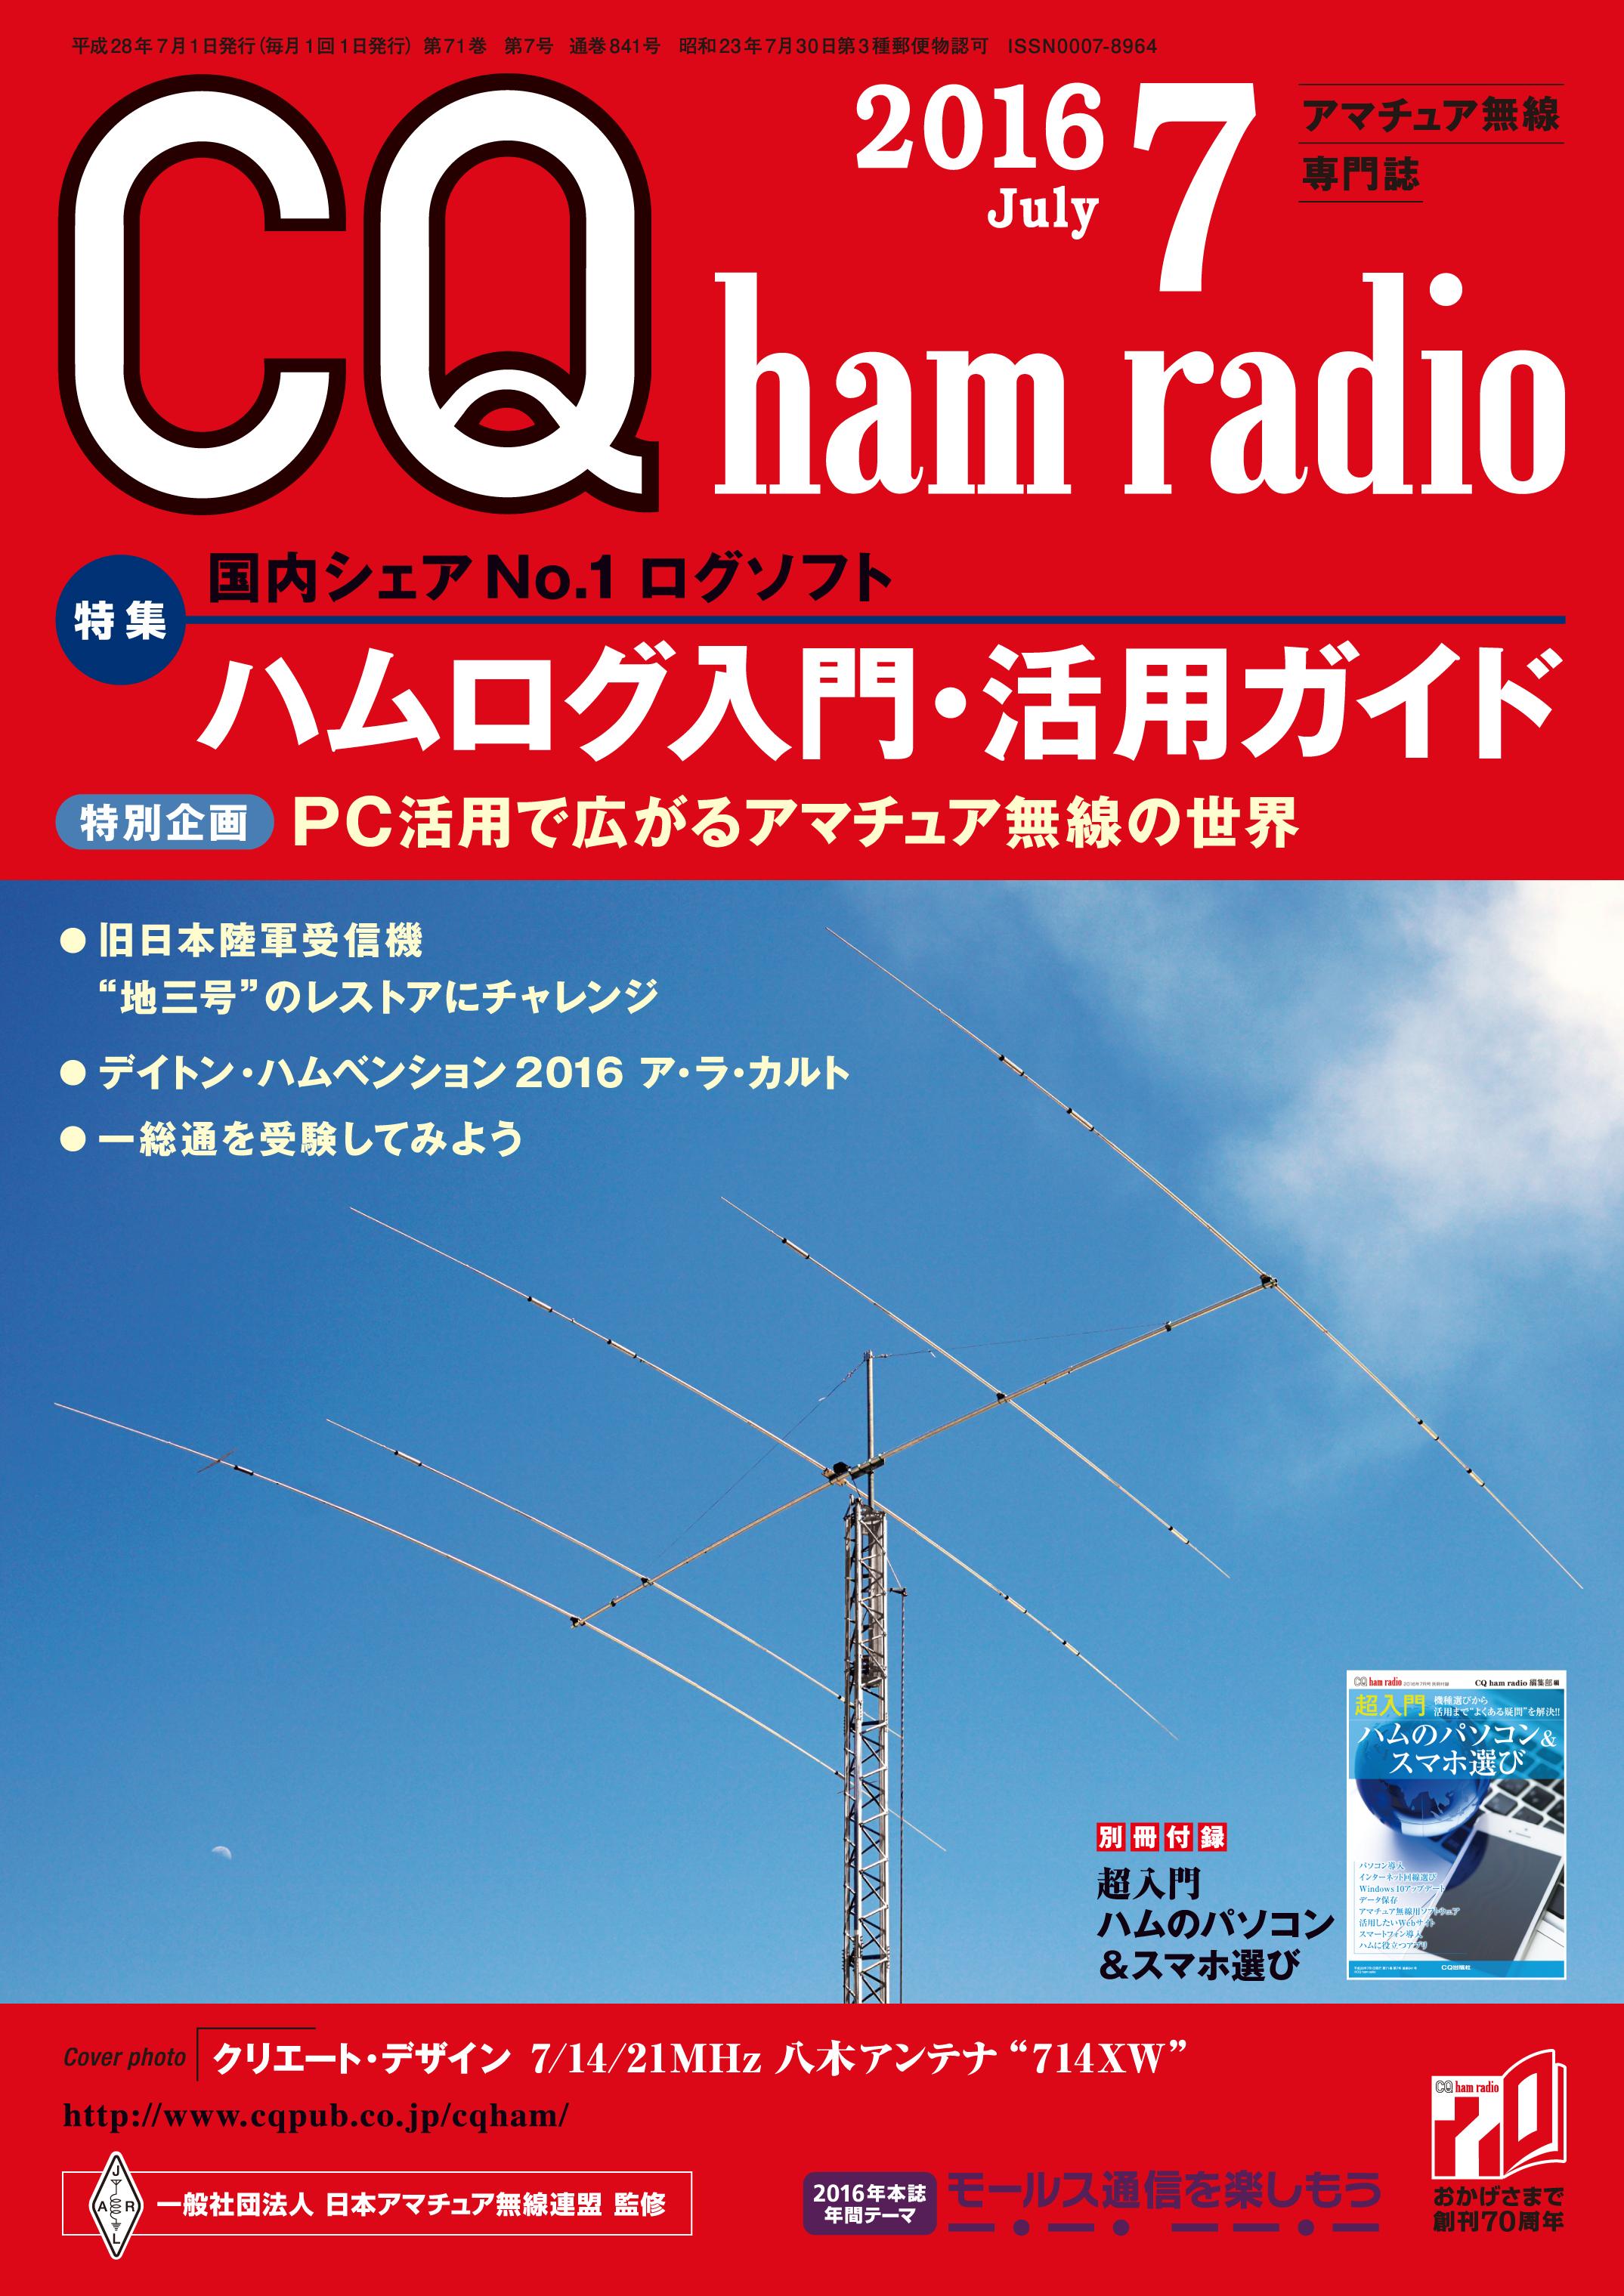 CQ ham radio 2016年7月号